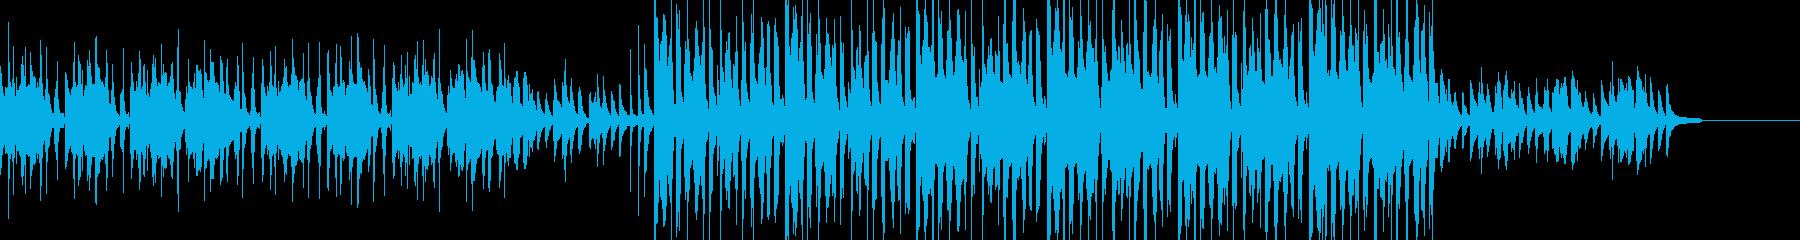 ペット動画や気楽なイベント用のかわいい曲の再生済みの波形